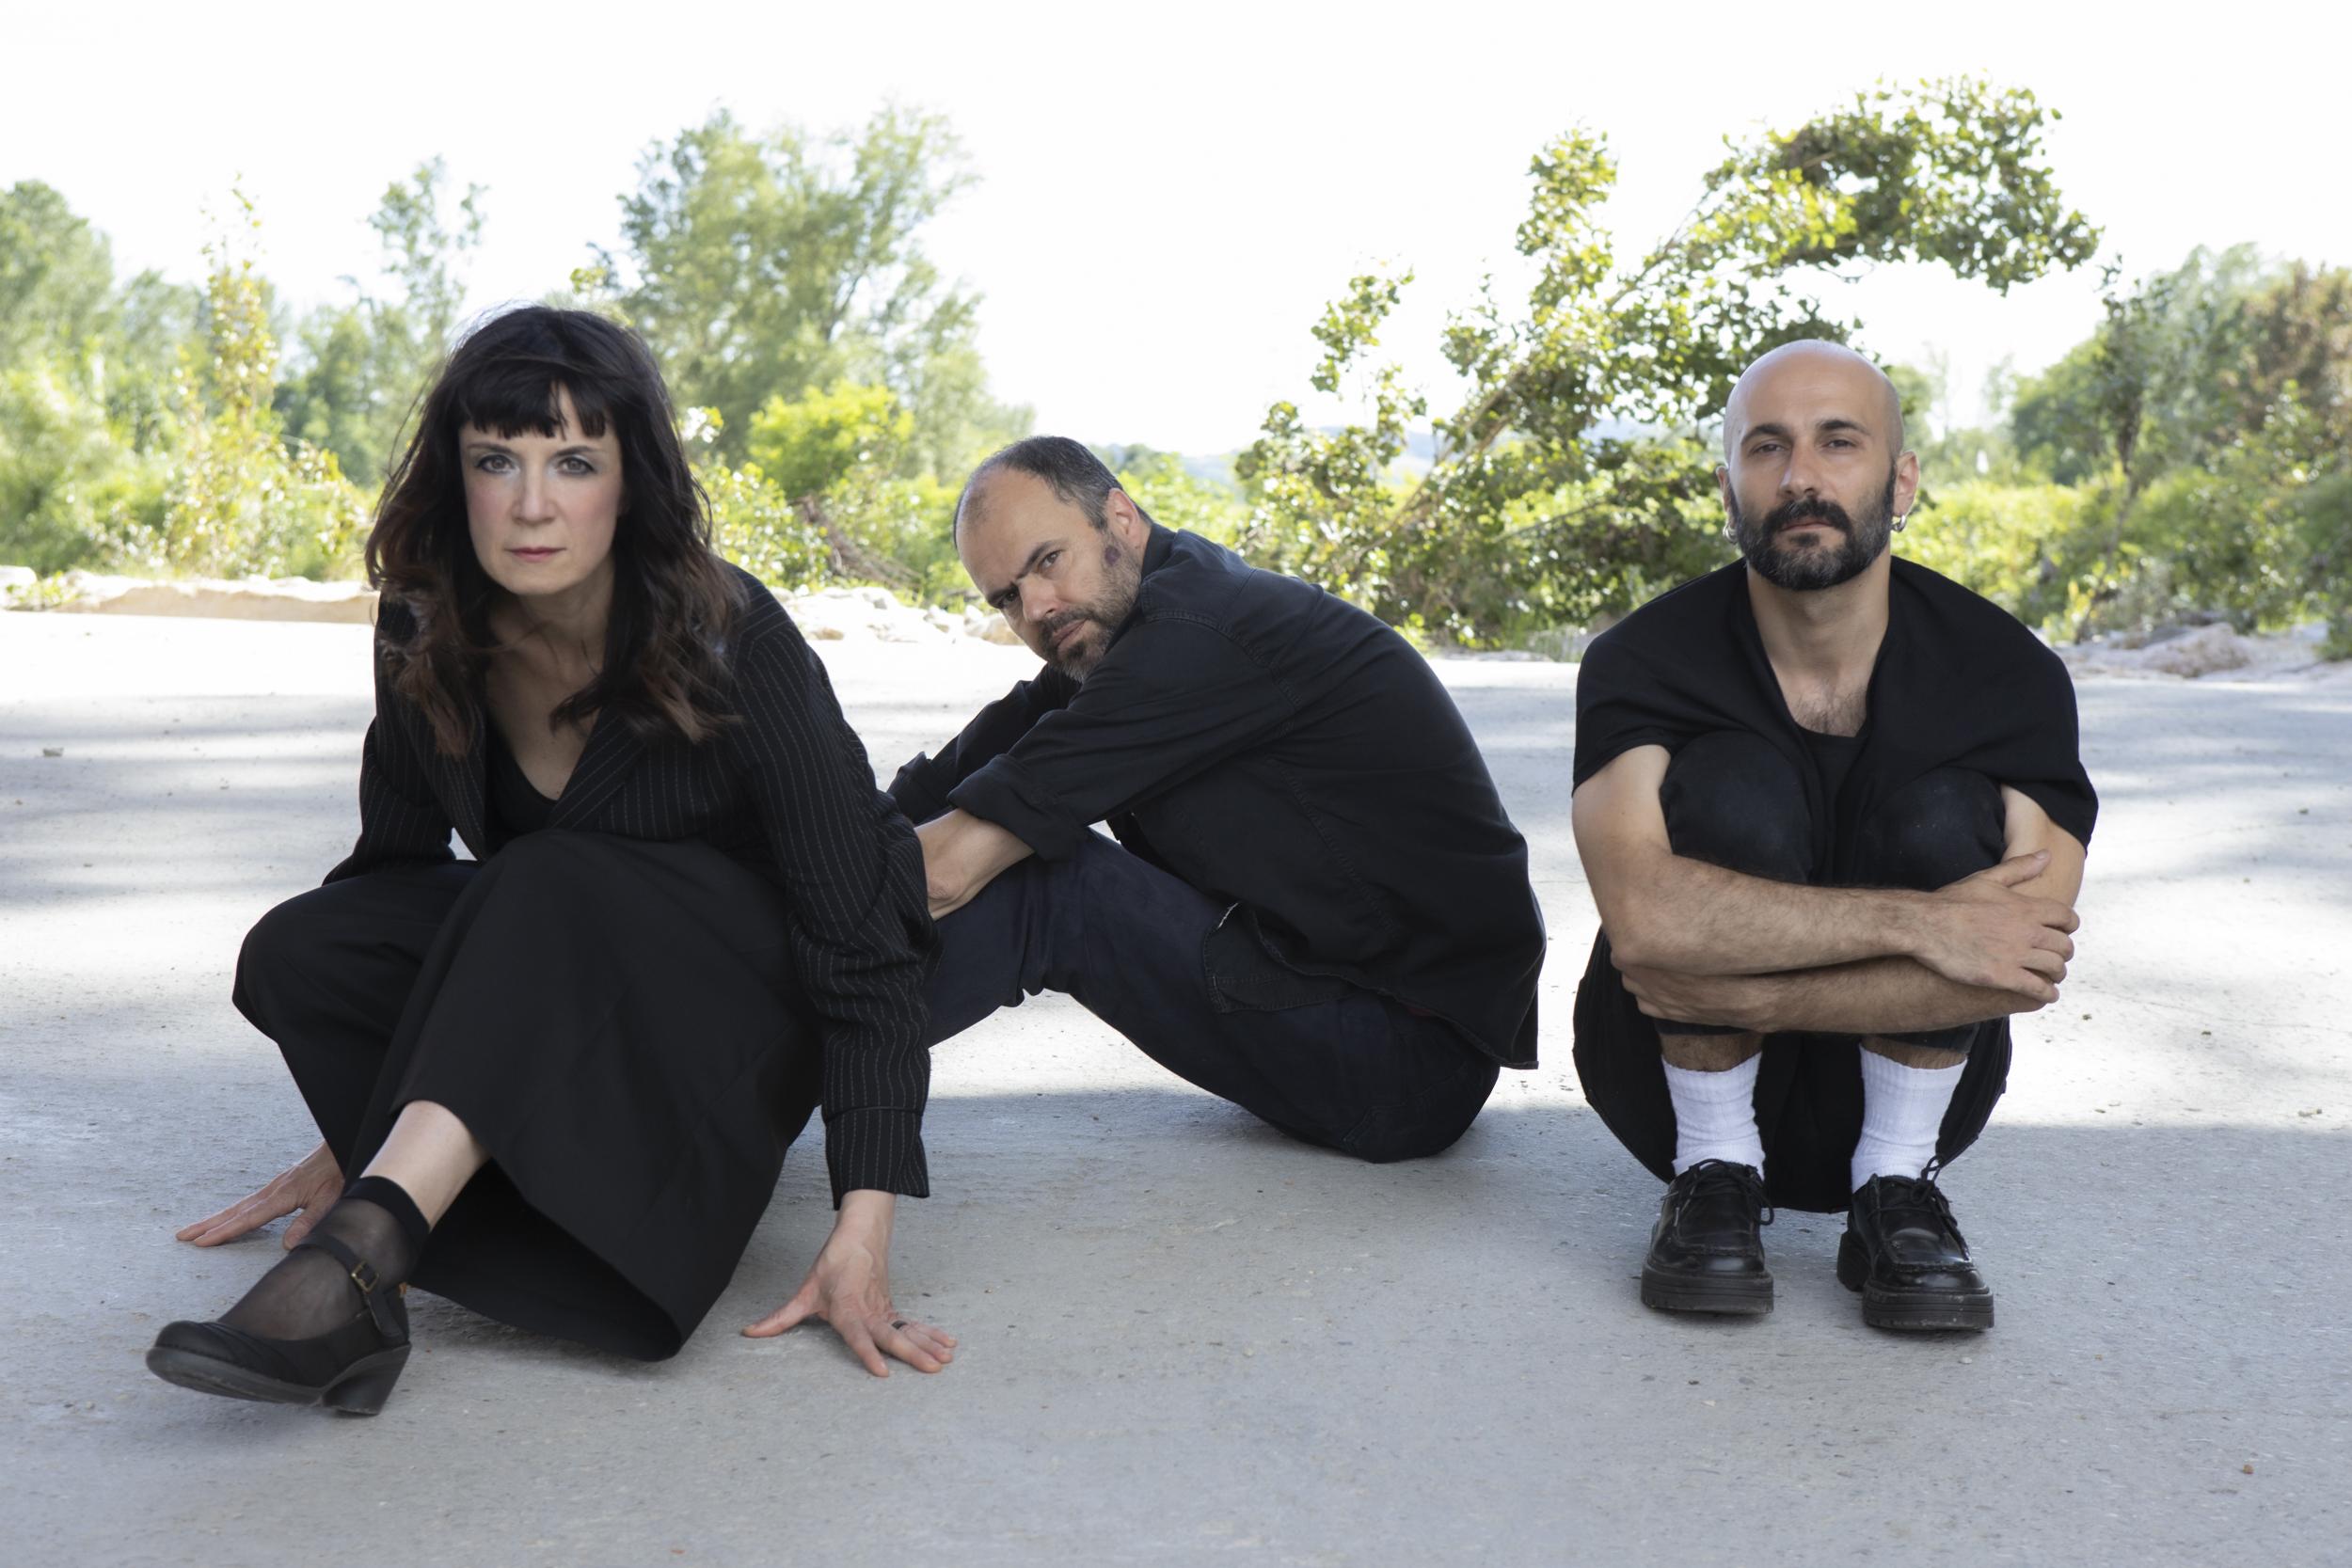 PERPENDICOLARE di e con Cristina Donà, Daniele Ninarello, Saverio Lanza